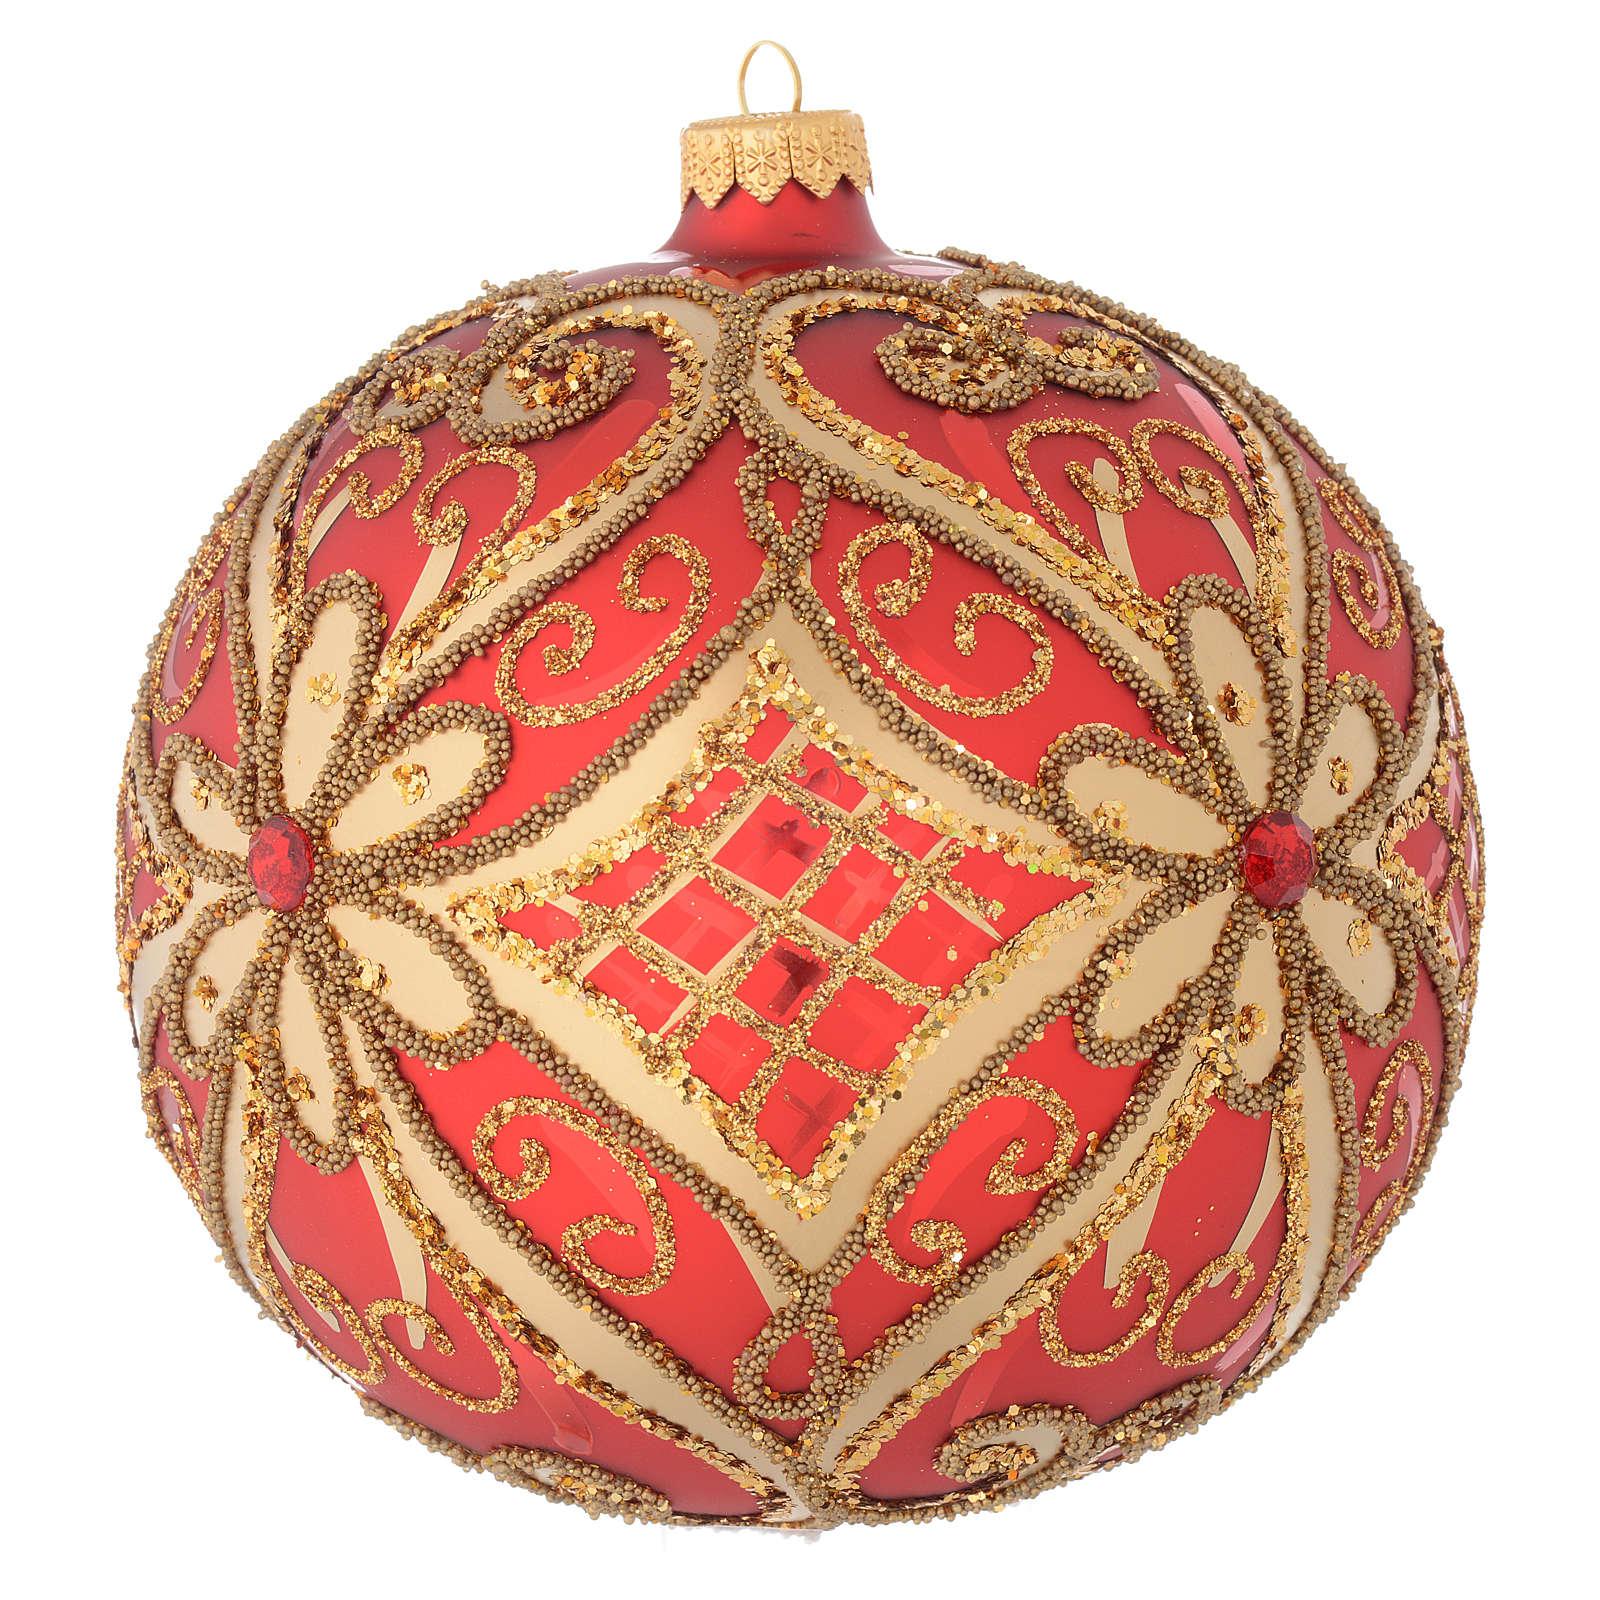 Bola de Navidad vidrio soplado rojo decoraciones en relieve 150 mm 4